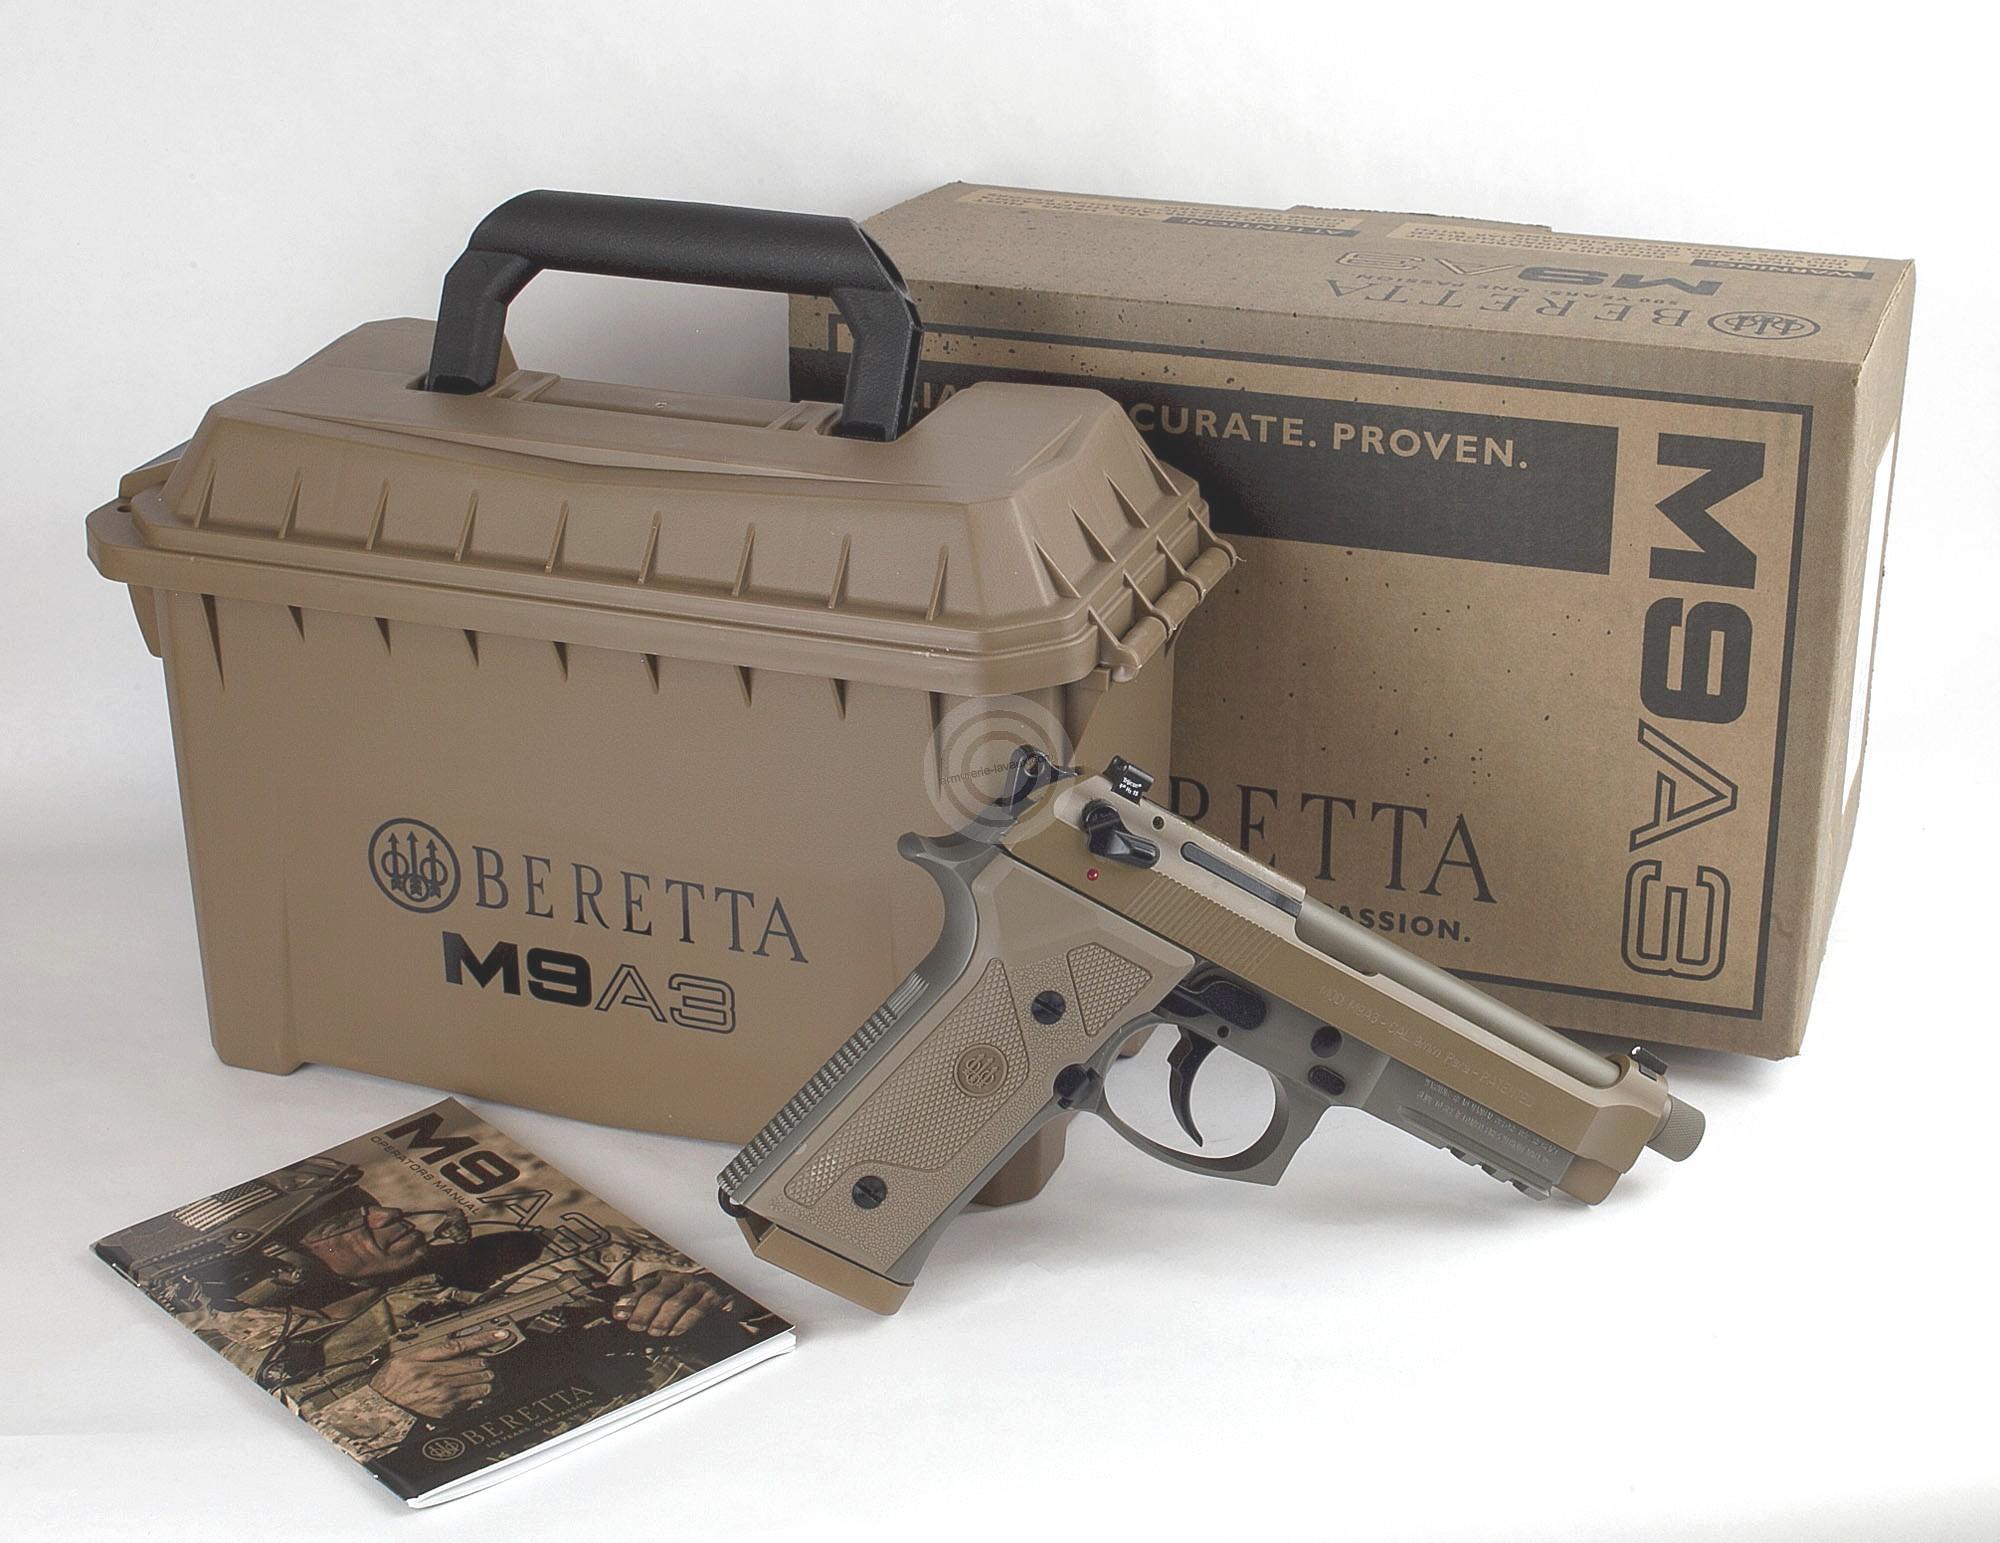 Pistolet BERETTA M9A3 calibre 9x19